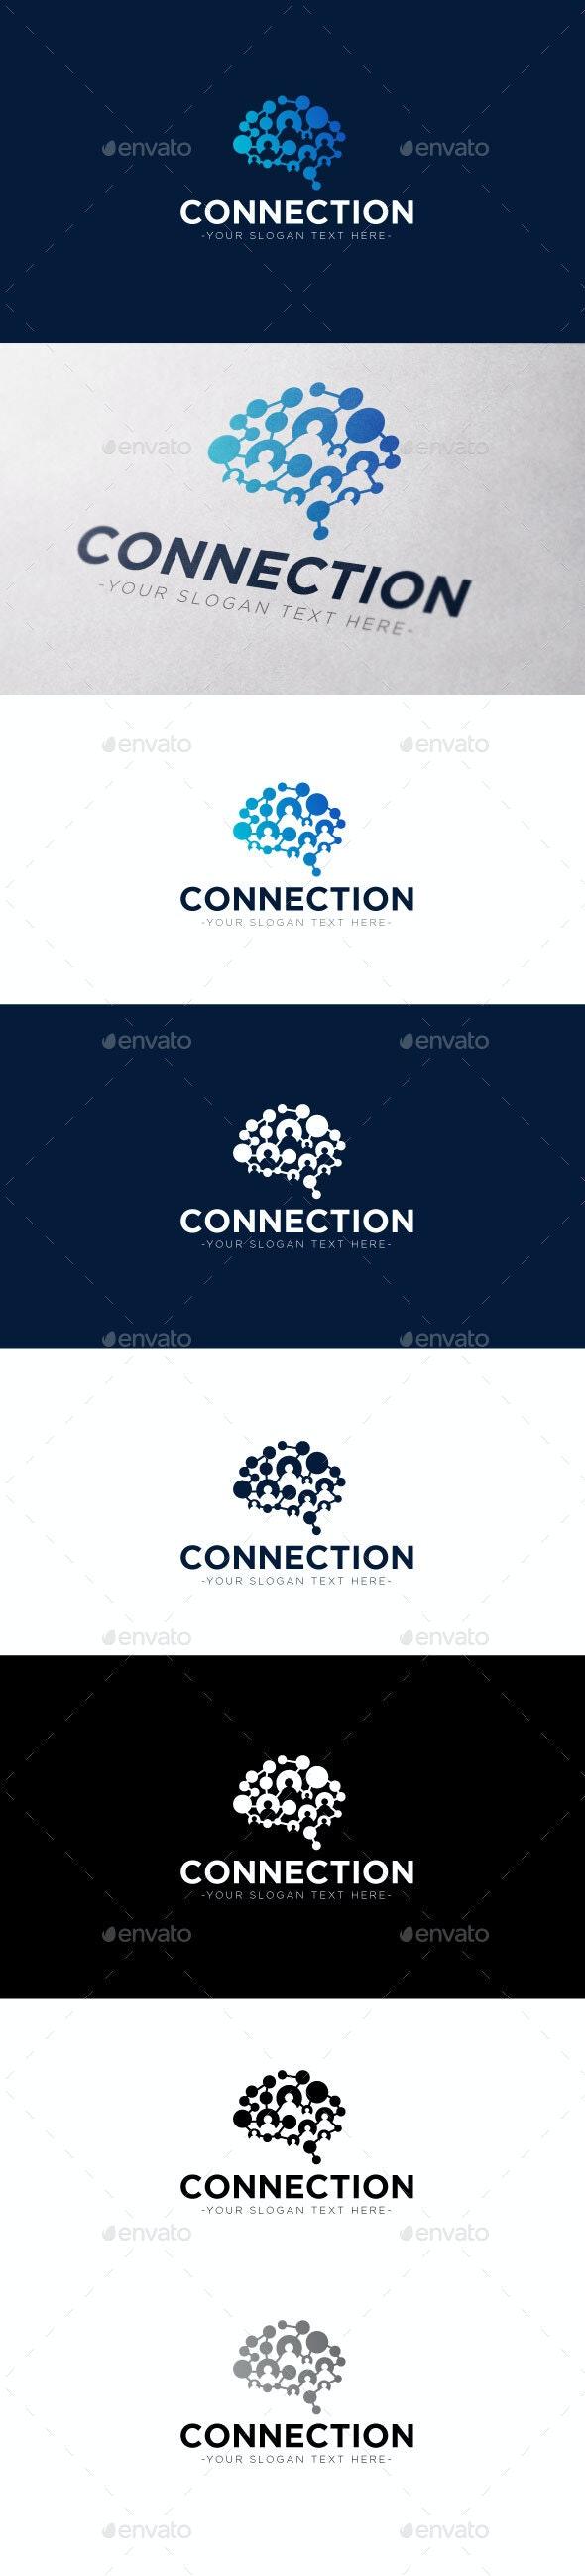 Connection Logo Template - Logo Templates